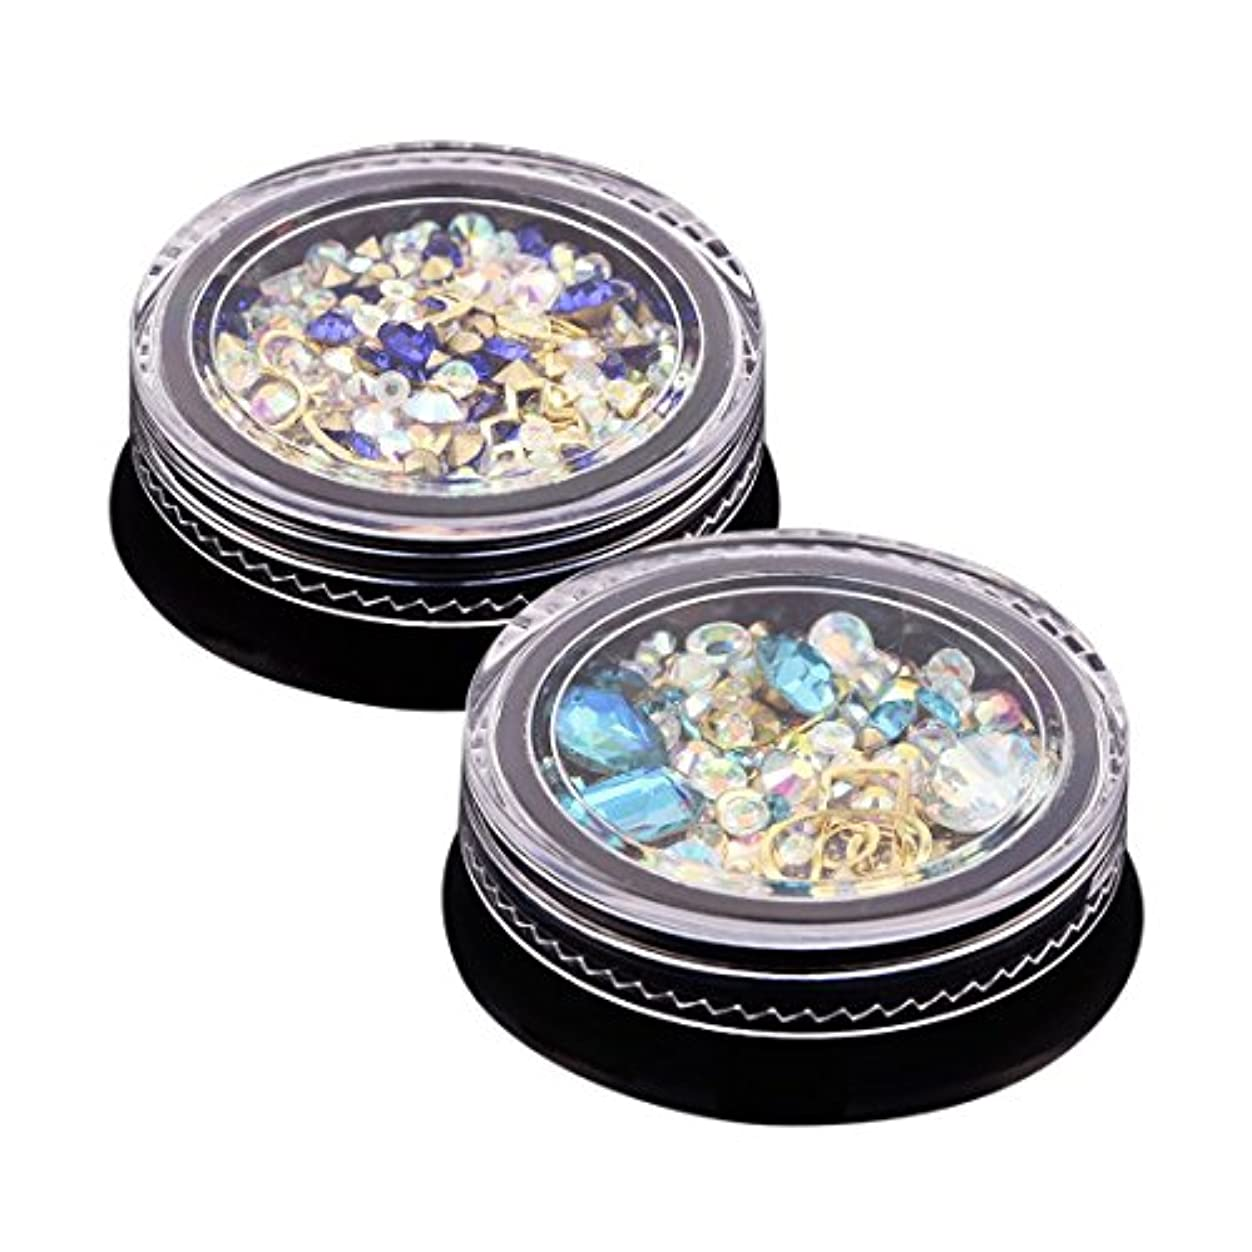 たくさんパスタの慈悲でSODIAL 2ボックス3Dネイルジュエリーカラフル混合アクリルチップダイヤモンドフラットジュエルストーンネイルラインストーンマニキュアDIYネイルアートデコレーション(ロイヤルブルー、アクアブルー各1個)